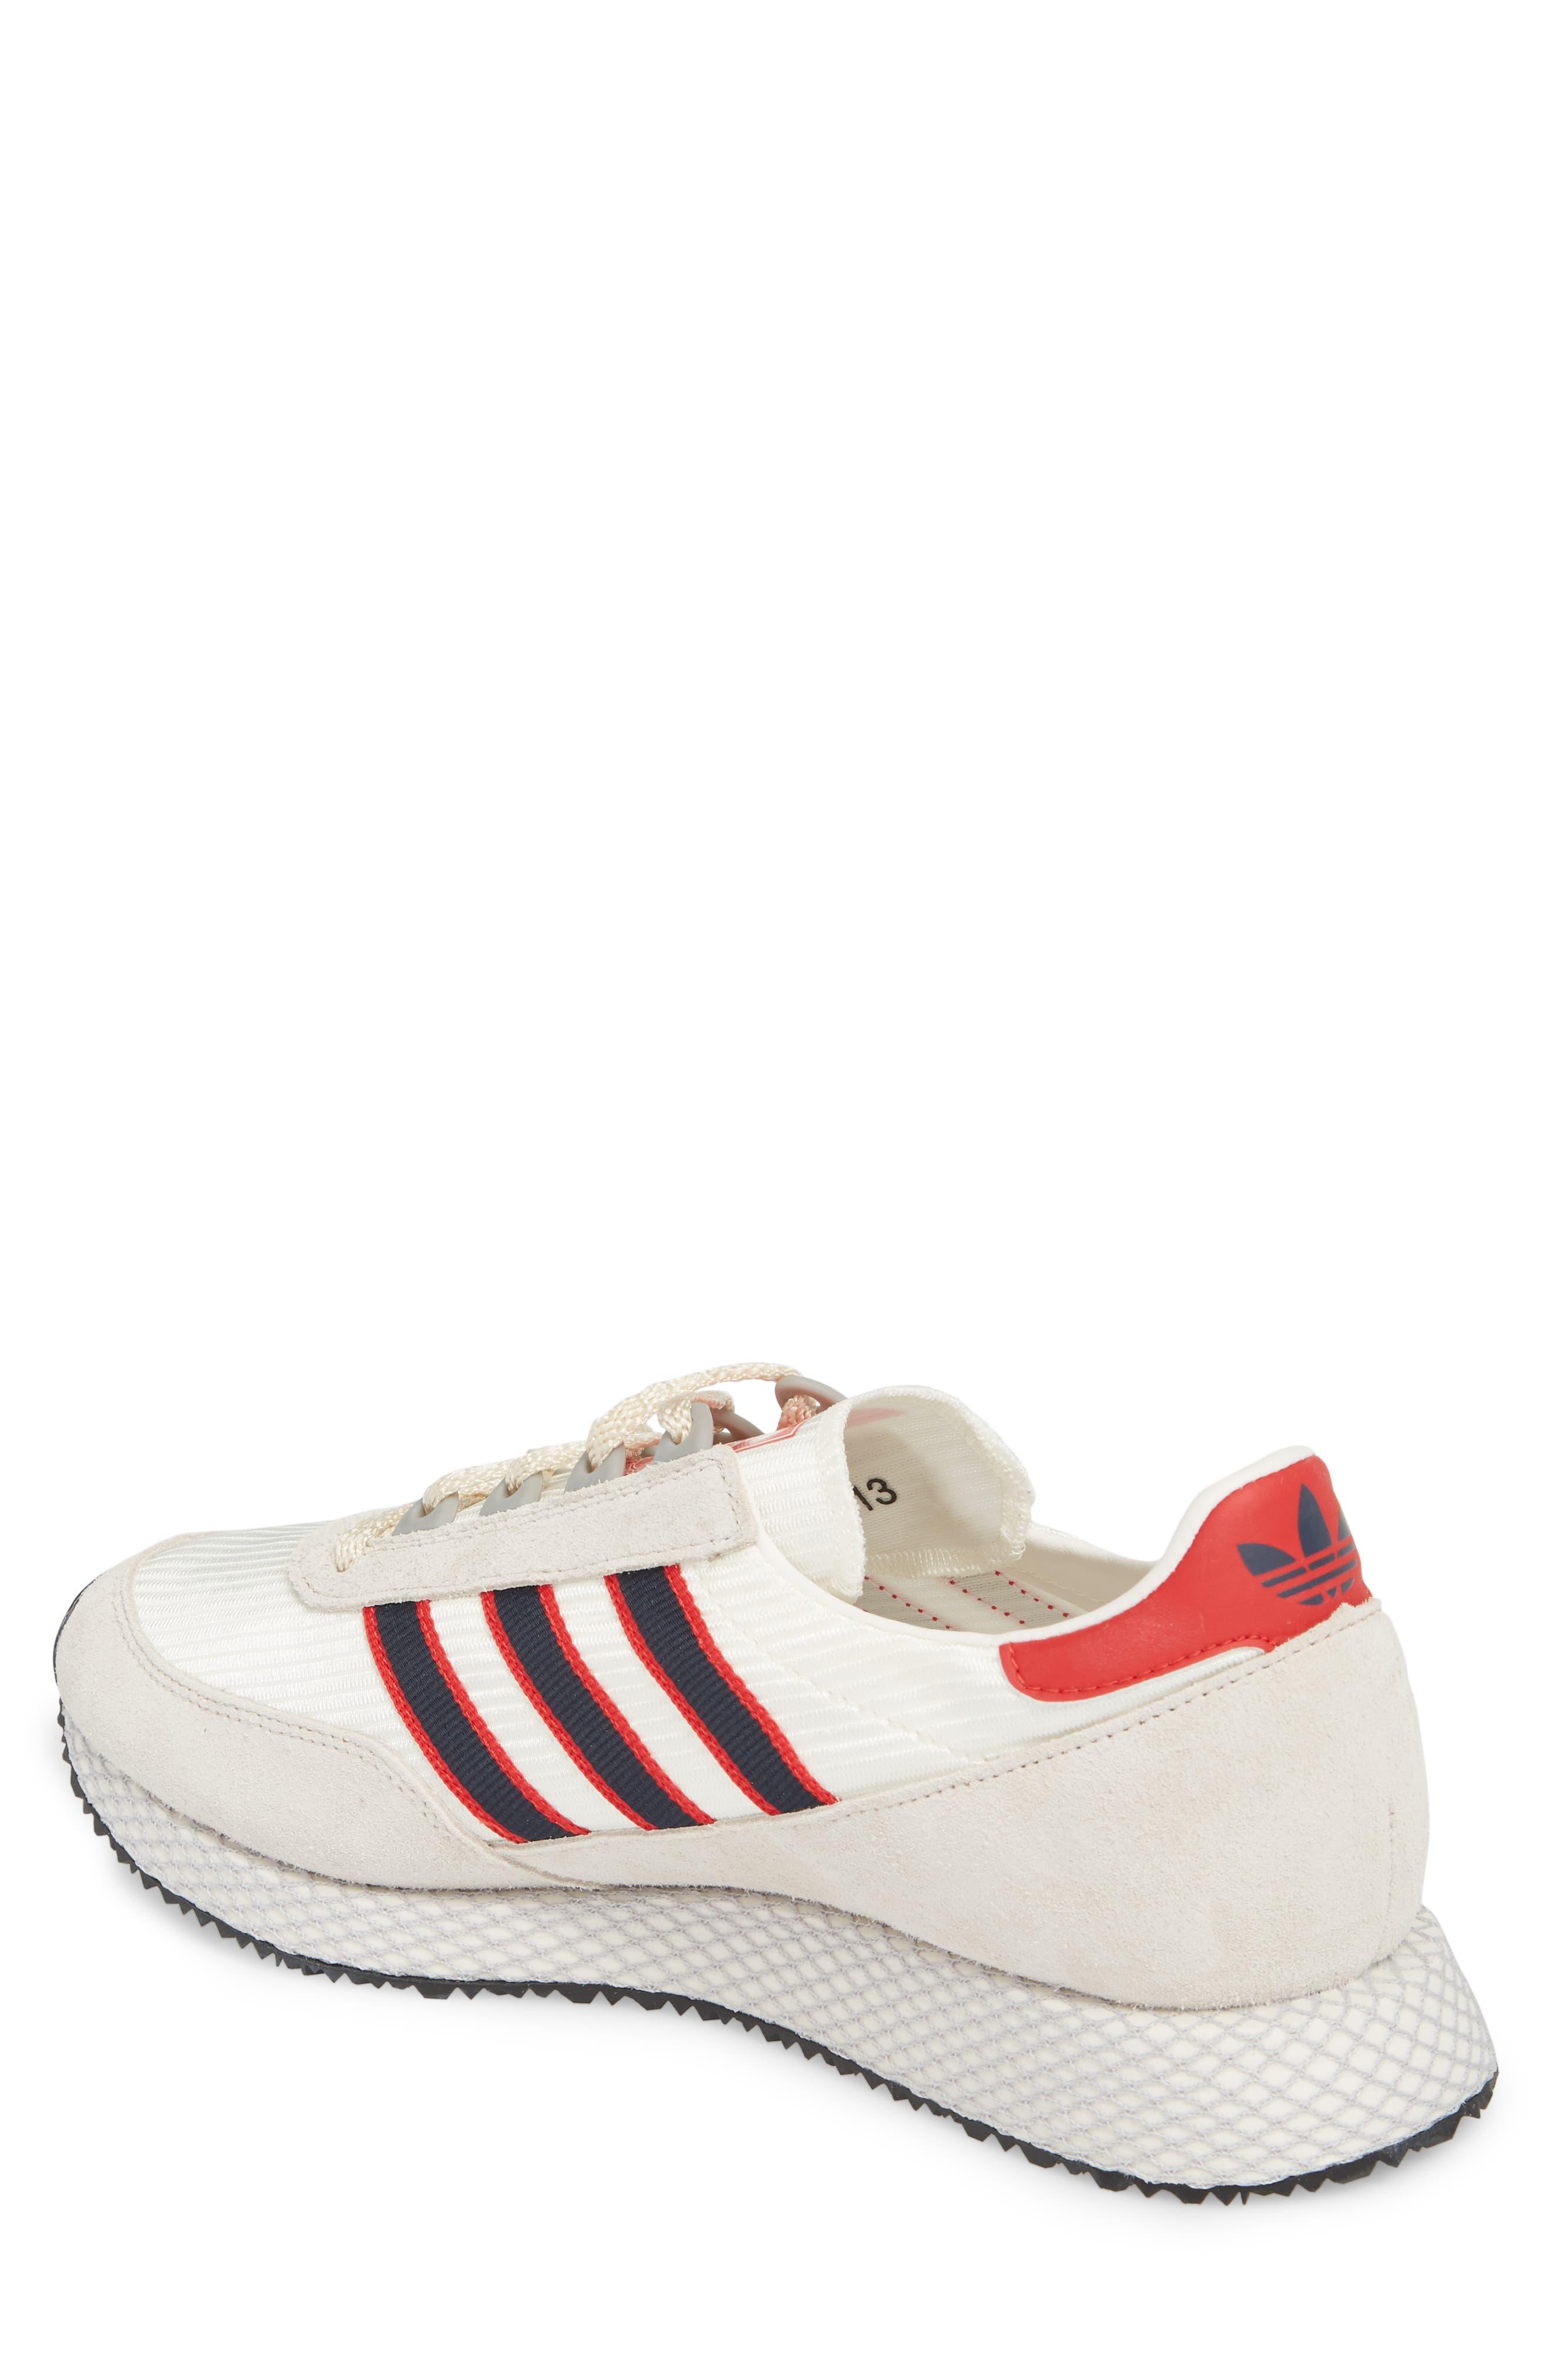 Glenbuck SPZL Sneaker,                             Alternate thumbnail 2, color,                             250